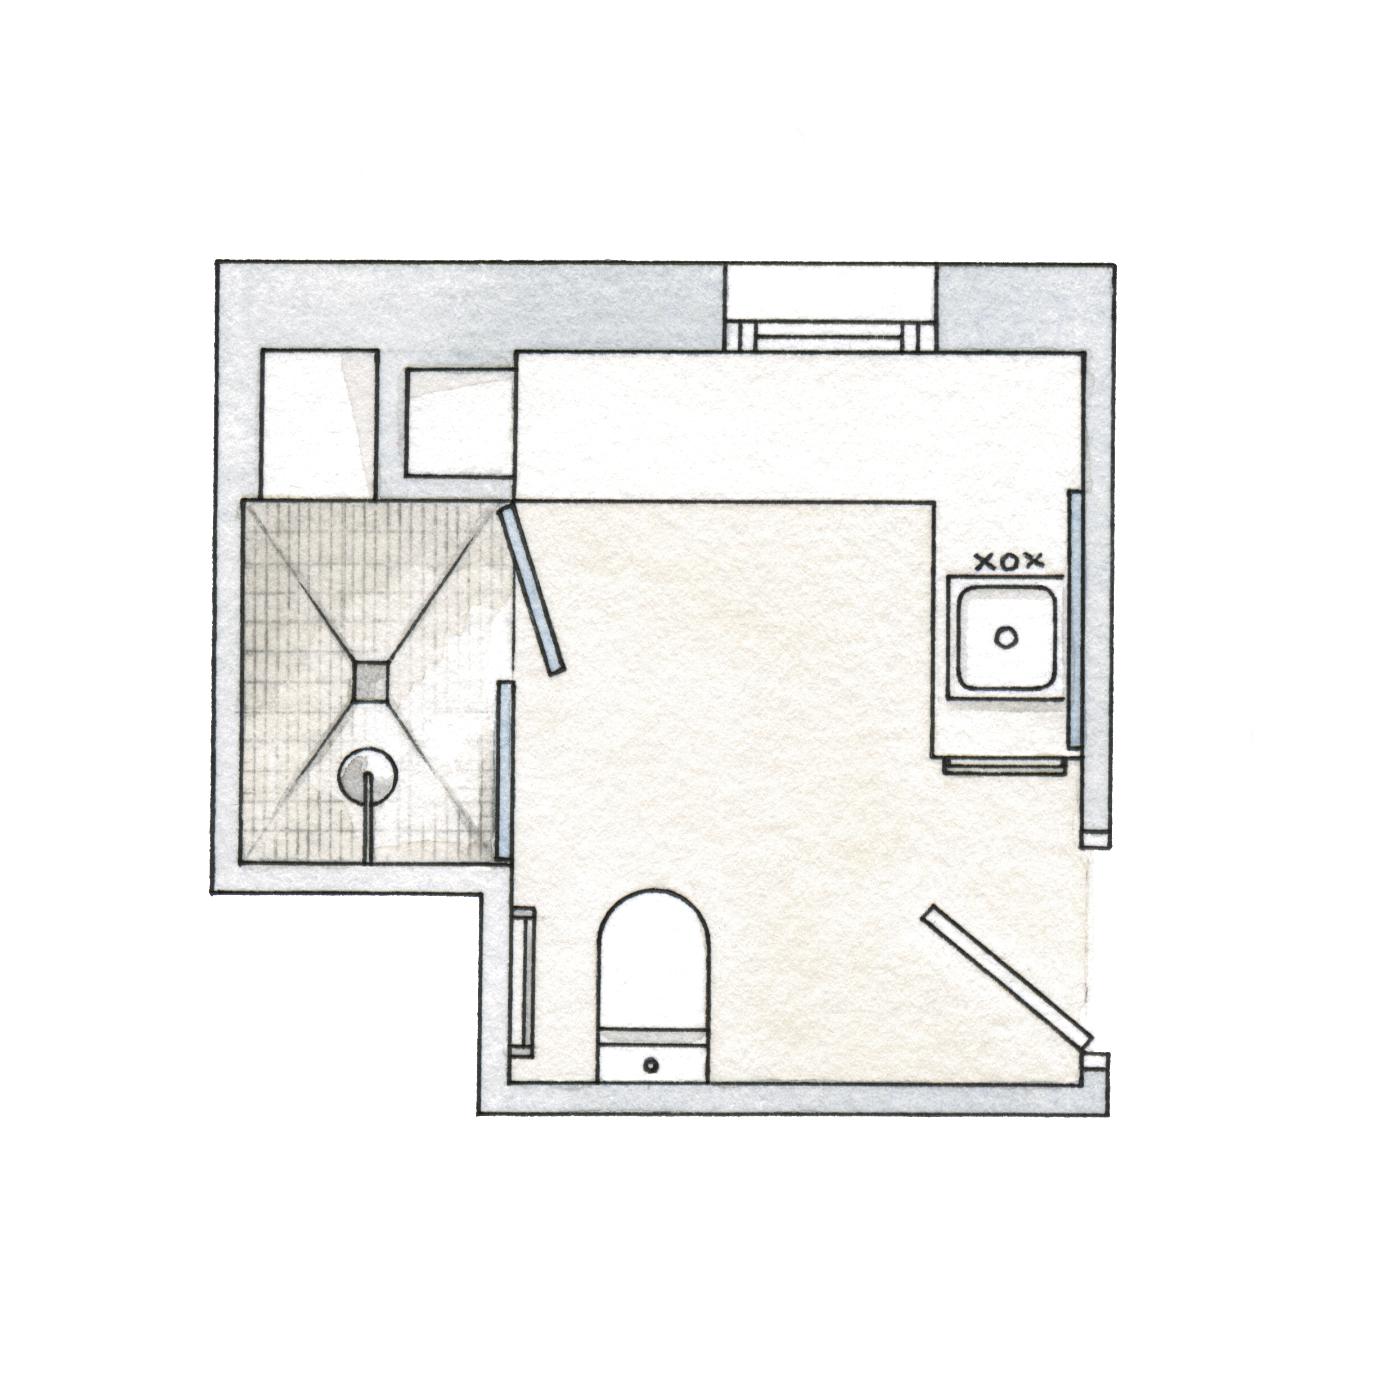 Plano bano pequeno dise os arquitect nicos - Planos de cuartos de bano ...